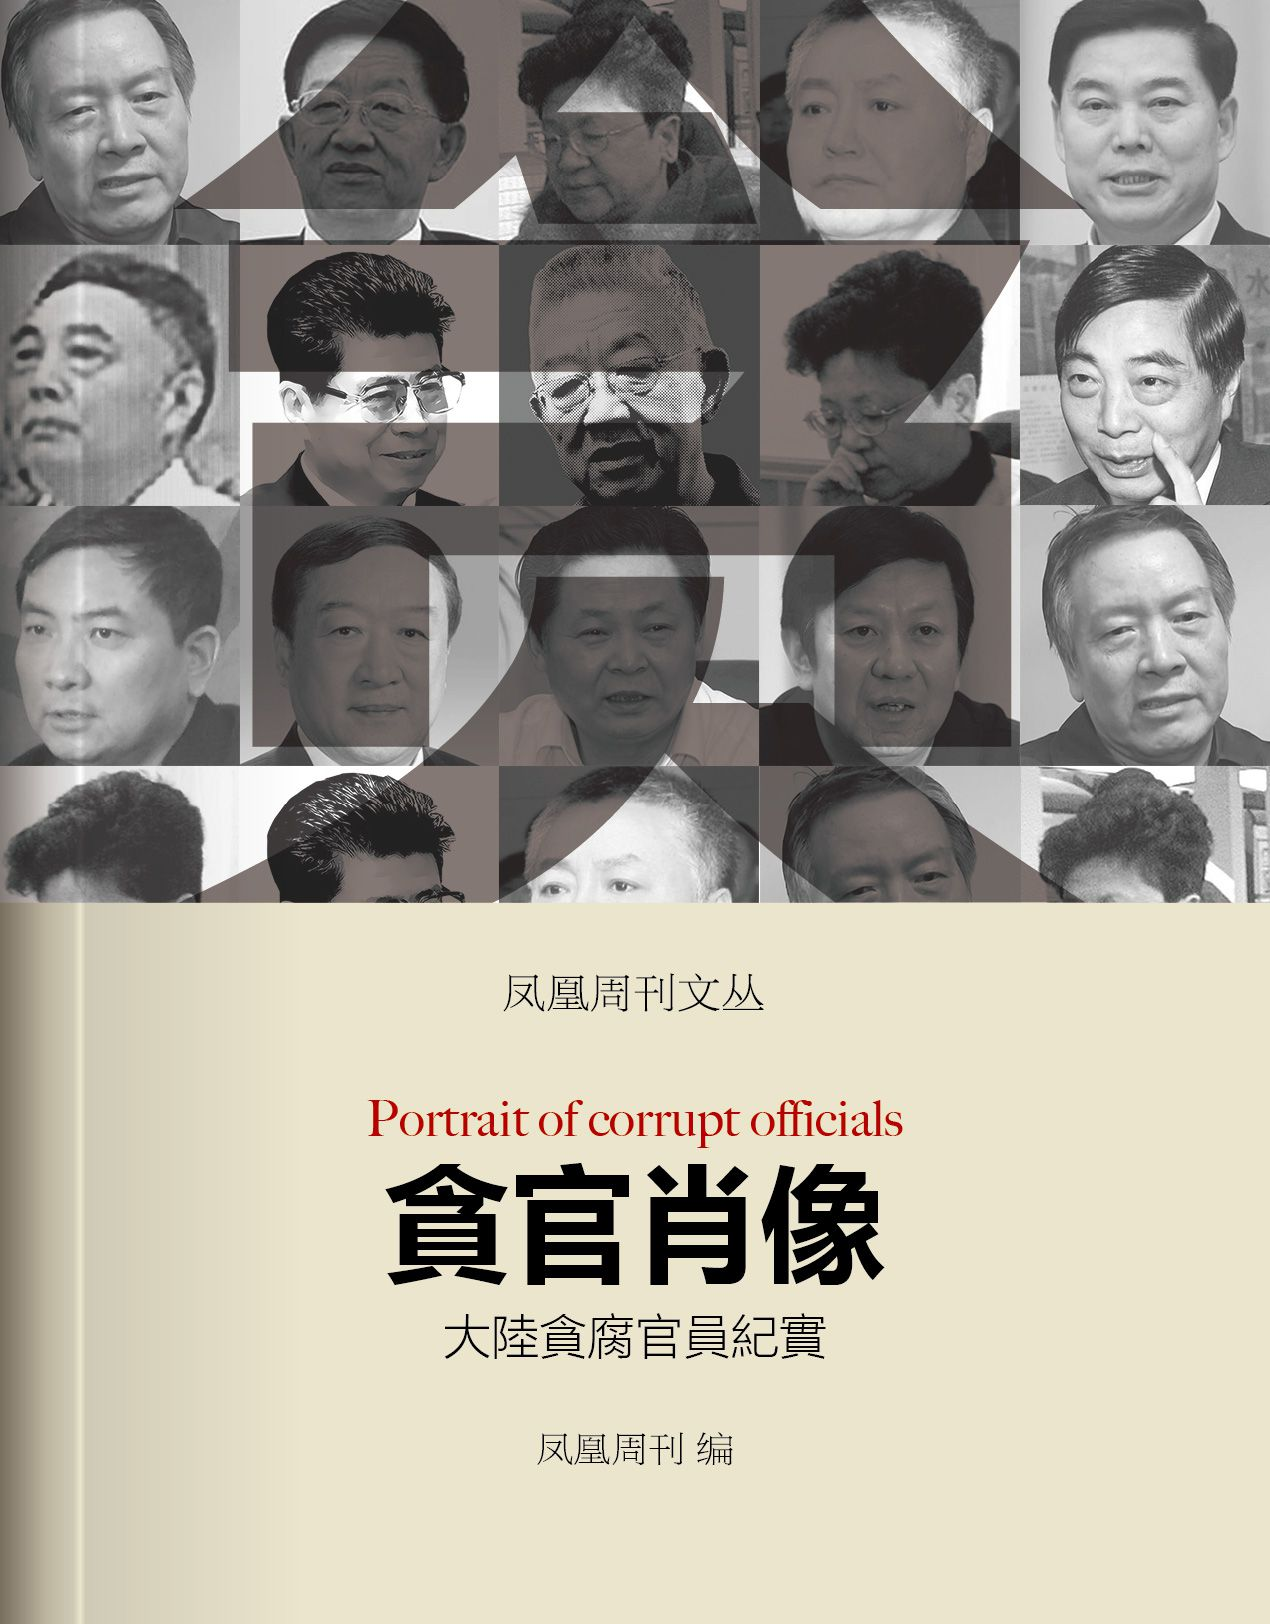 《凤凰周刊》:贪官肖像·大陆贪腐官员纪实